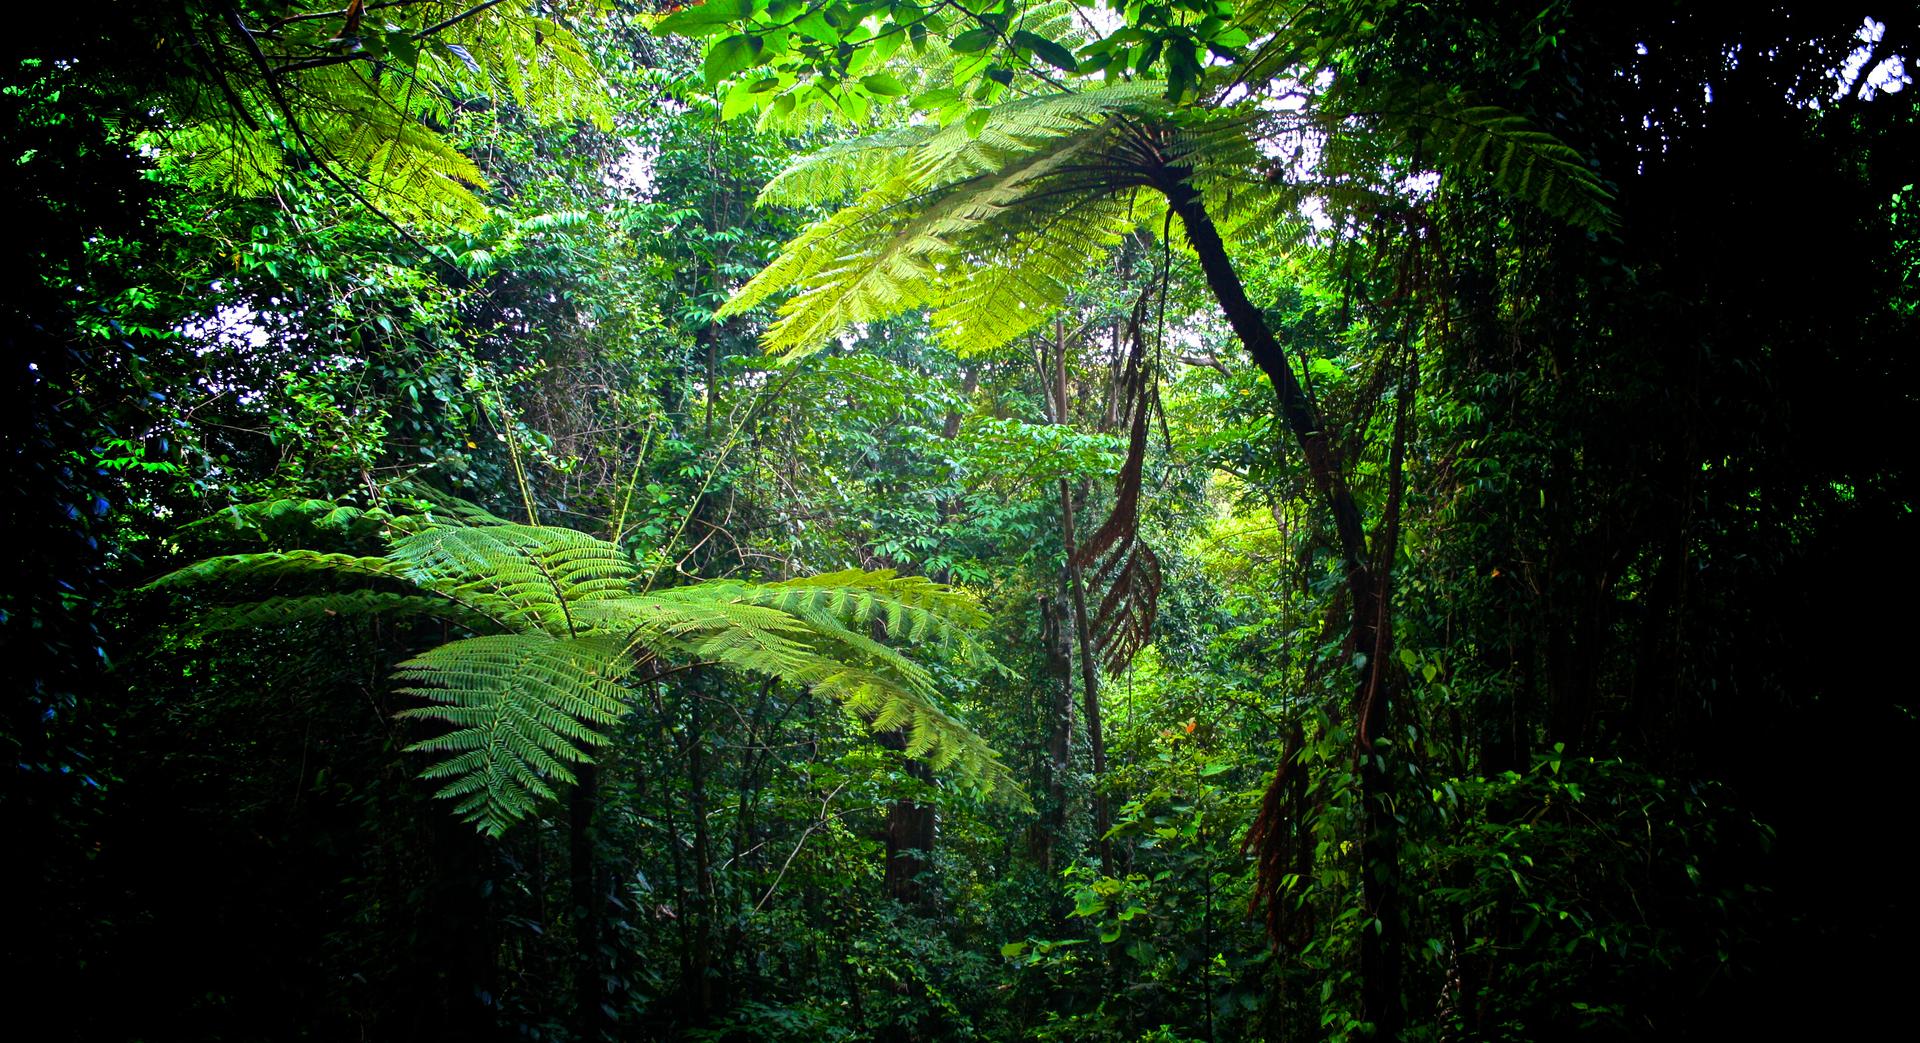 Fotografia prezentuje wnętrze lasu równikowego. Zlewej izprawej duże pnie, obrośnięte pnączami. Między nimi zwieszają się grube liany. Wkażdym wolnym miejscu znajdują się liście opierzastych blaszkach. Dno lasu jest zacienione przez gęsto rosnące rośliny.